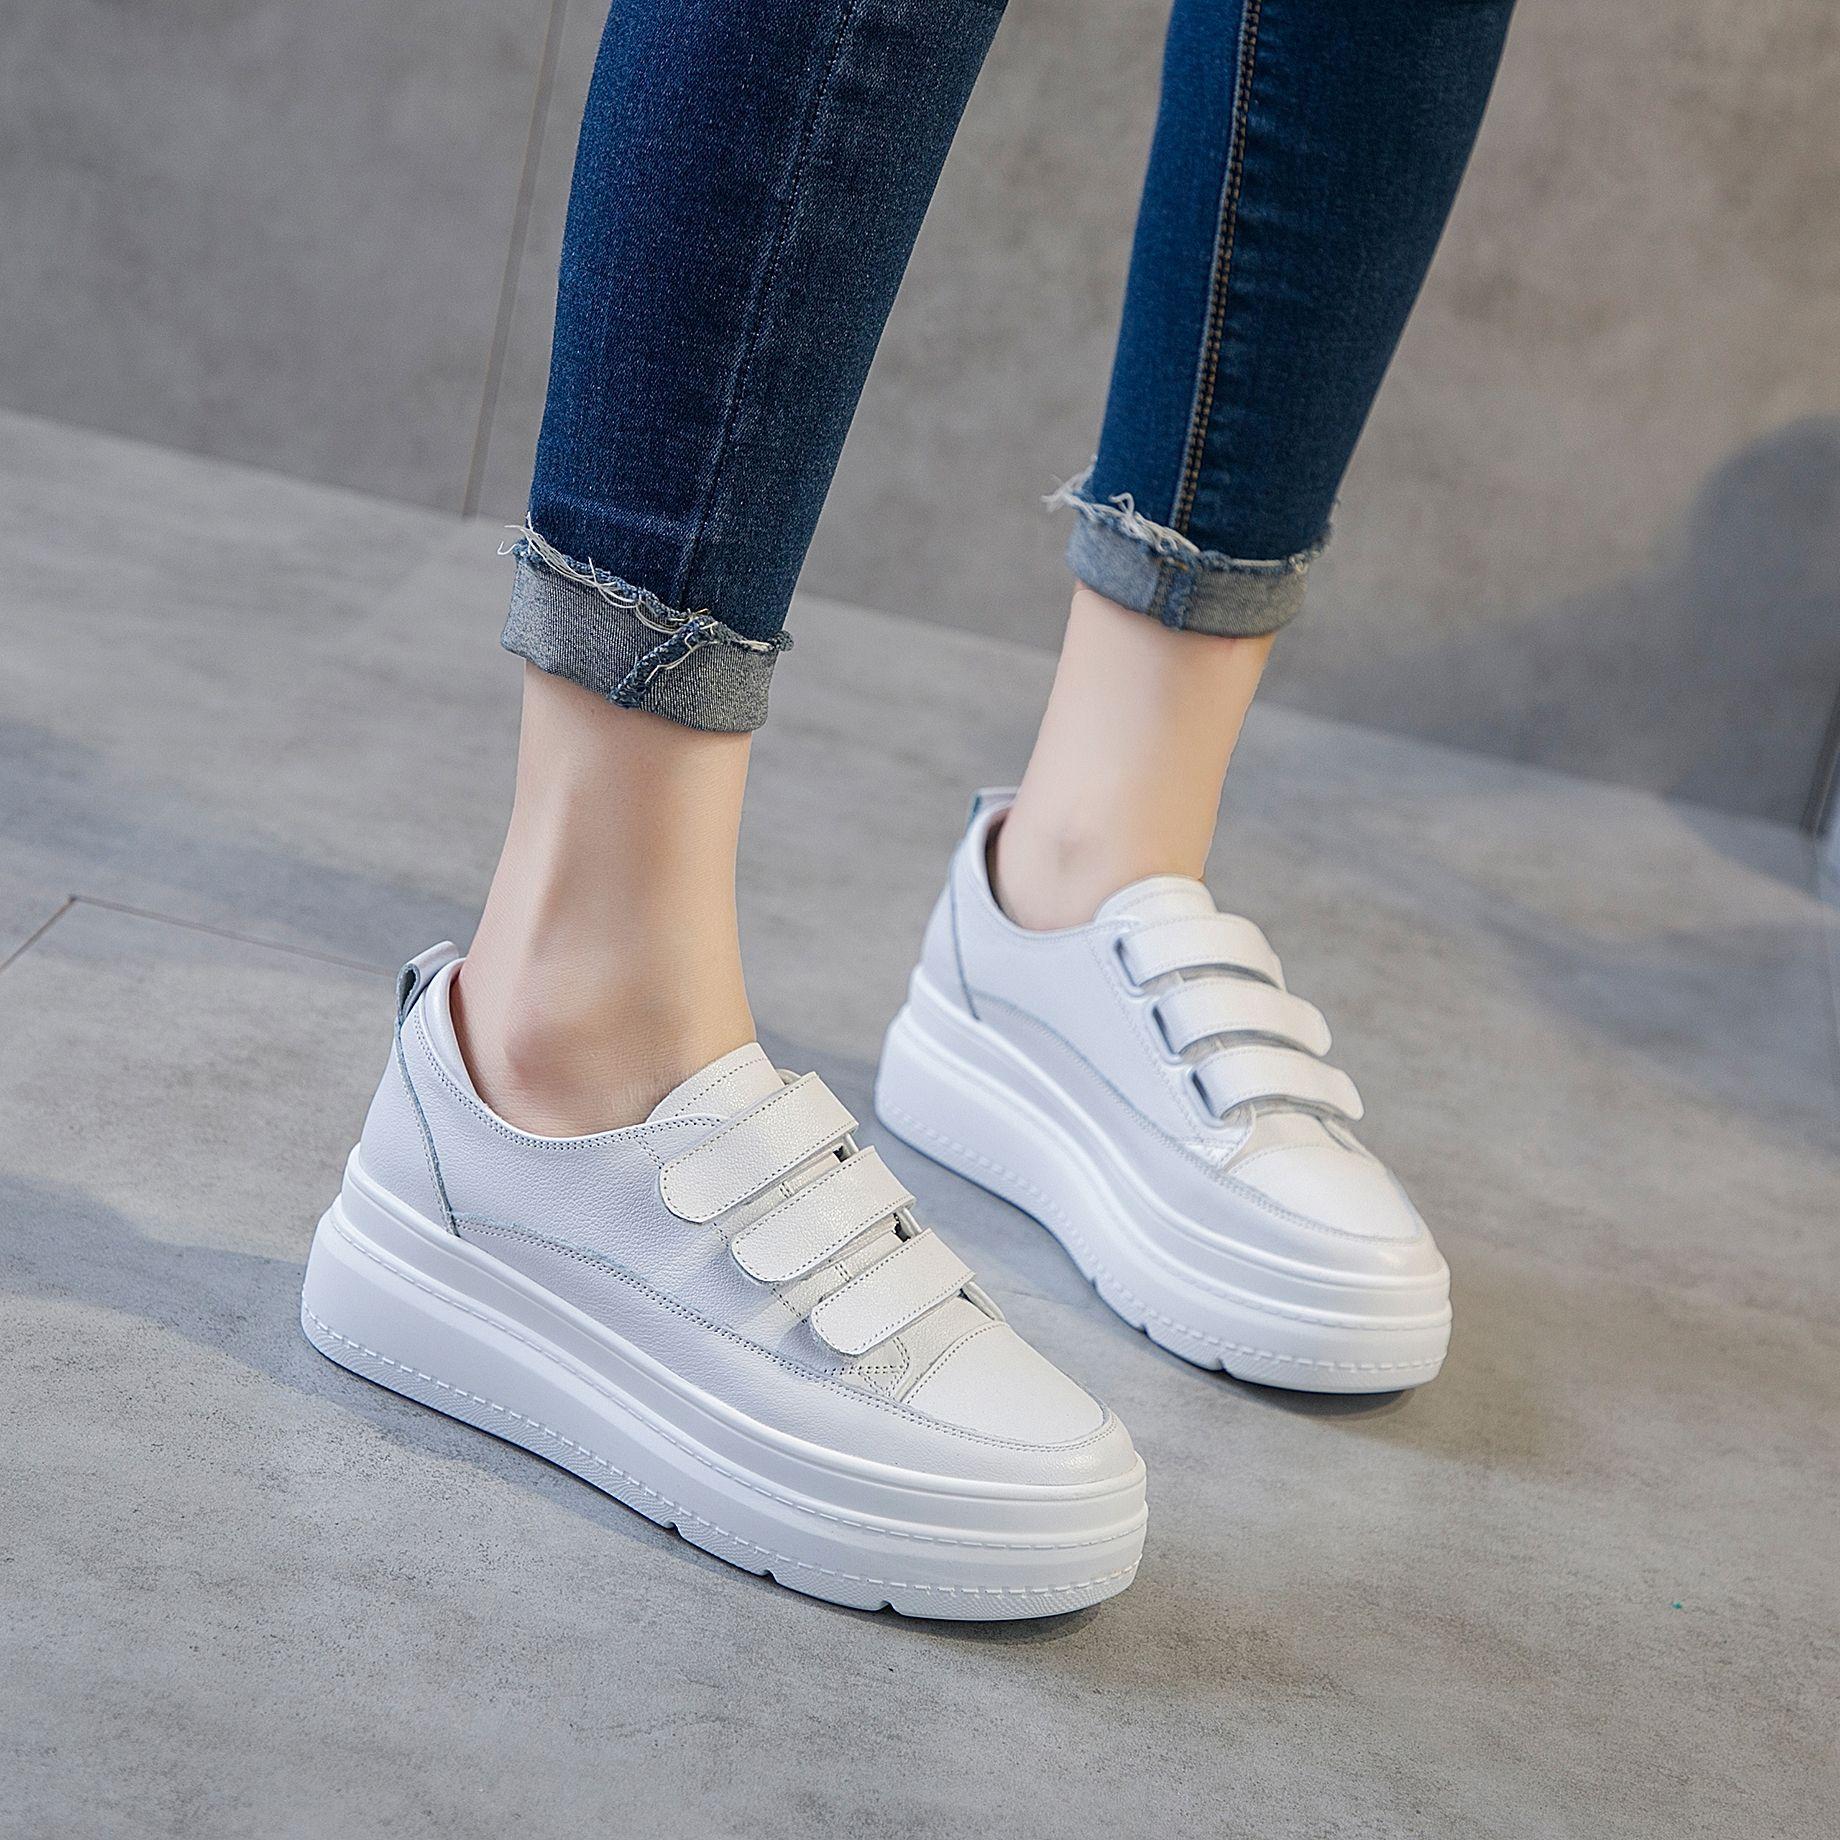 BRYX giày bánh mì / giày Platform 2019 mới mùa xuân và mùa hè da velcro nhỏ màu trắng Phiên bản Hàn